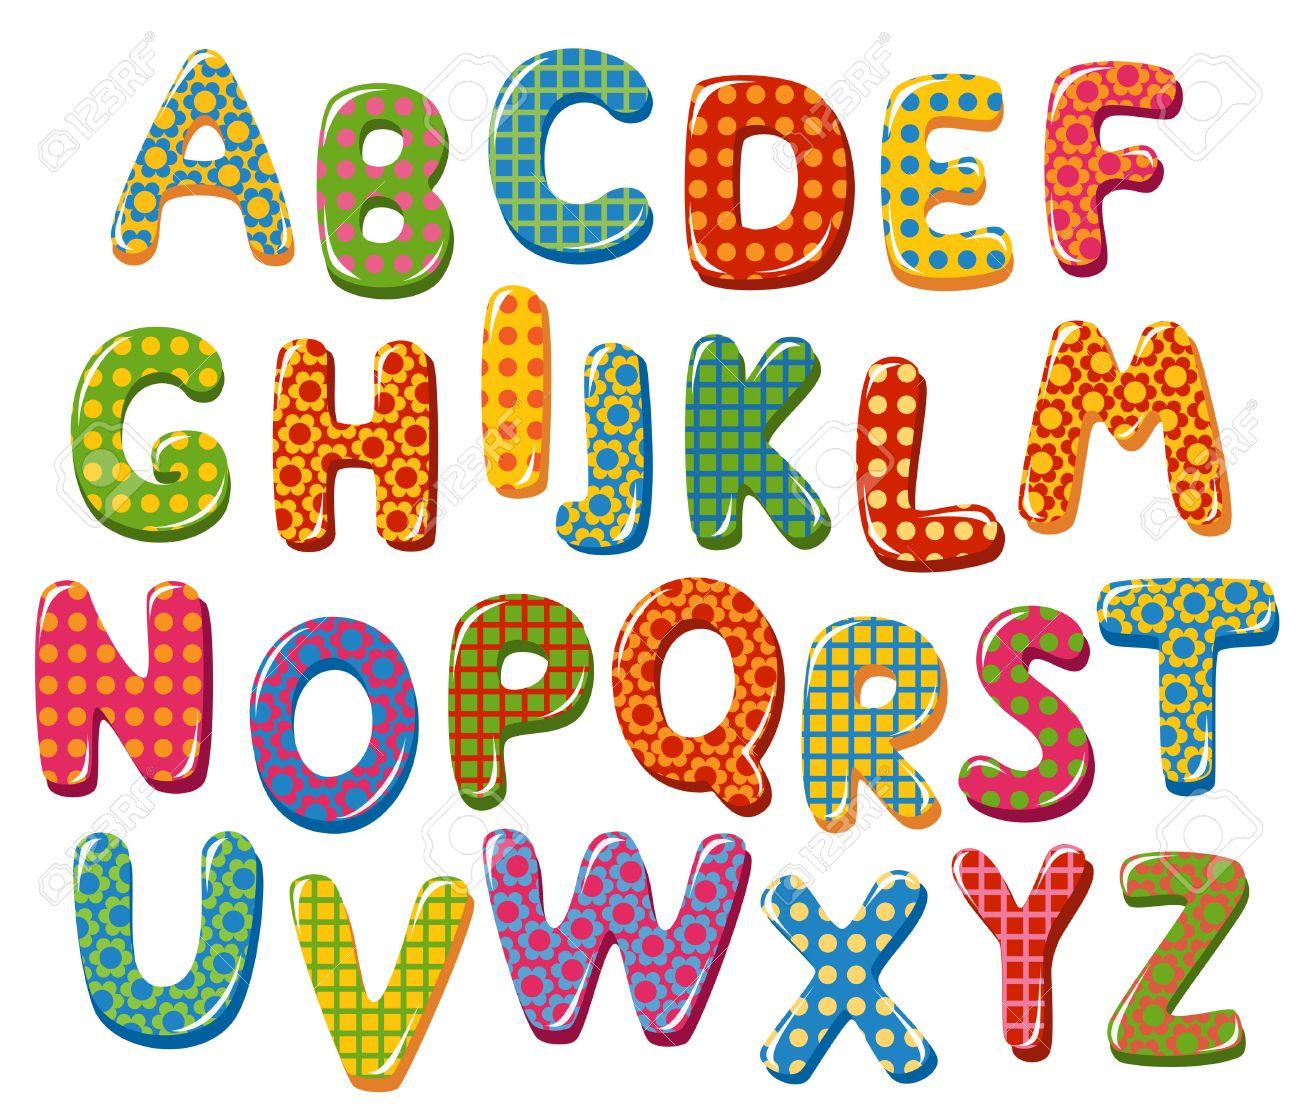 Scoubi-défis : LE DEFI ! - Page 21 23832474-lettres-de-l-alphabet-color%C3%A9s